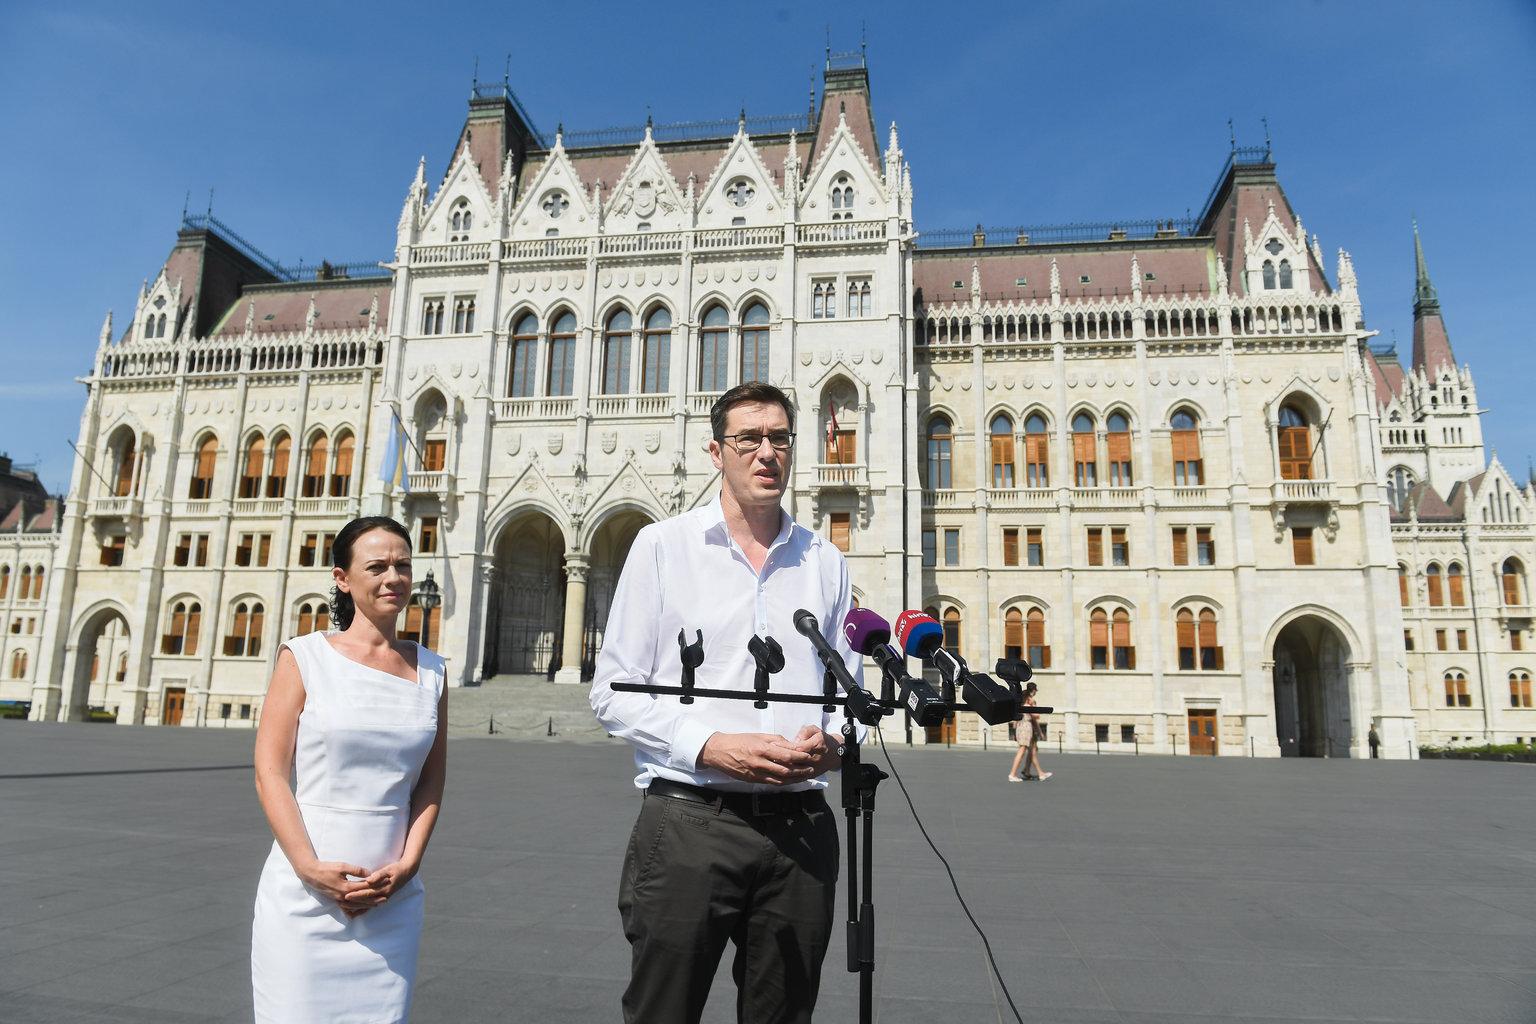 Karácsony Gergely, az MSZP-Párbeszéd főpolgármester-jelöltje és Szabó Tímea, a Párbeszéd társelnöke sajtótájékoztatót tart a Kossuth téren 2019. június 18-án. MTI/Koszticsák Szilárd